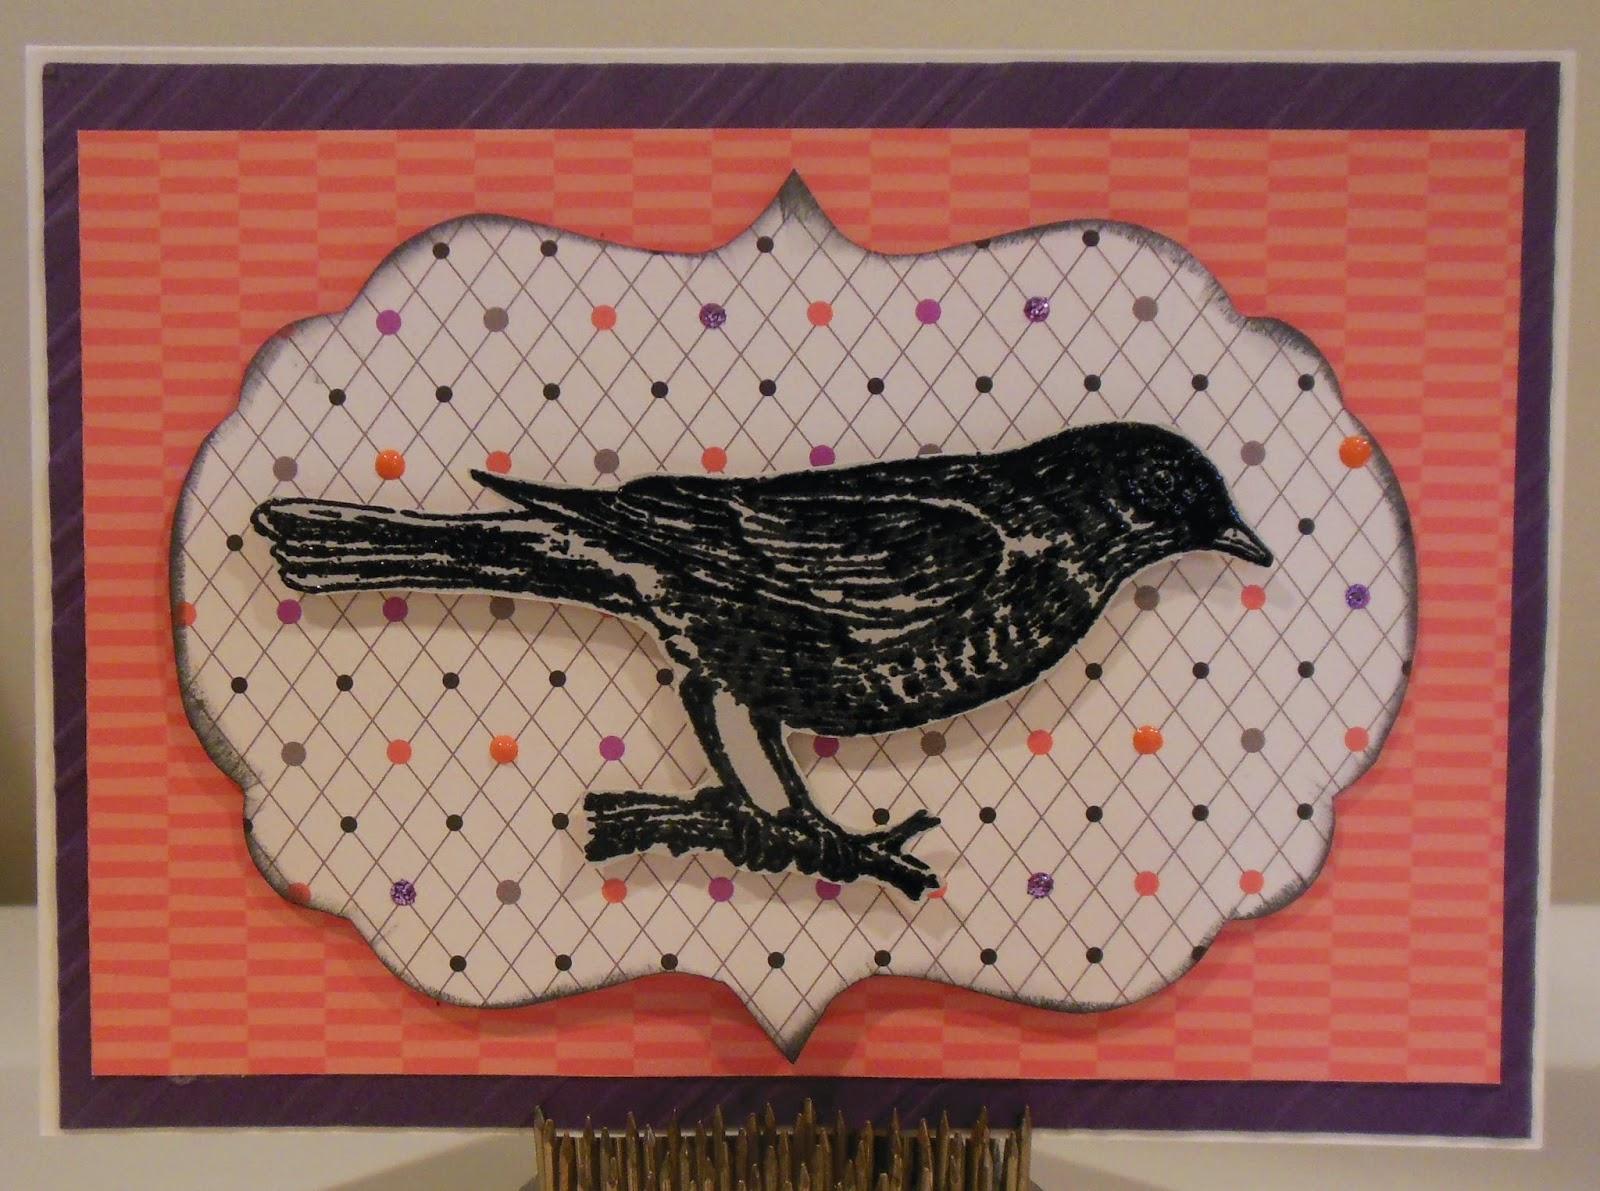 http://lynnseverydayideas.blogspot.com/2014/09/close-to-my-heart-raven-card.html